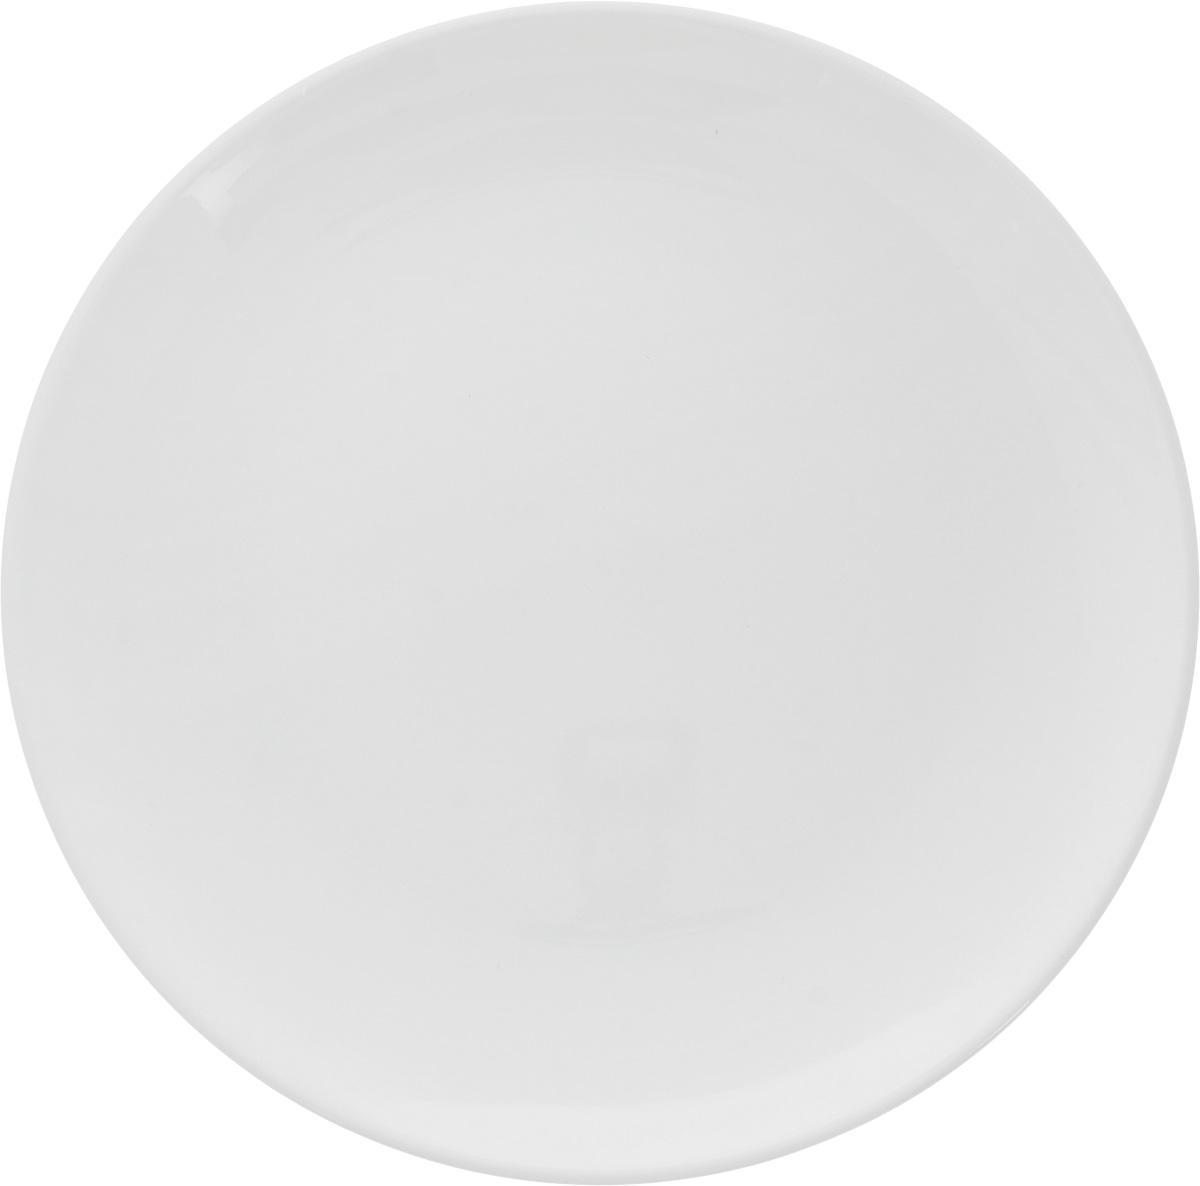 Тарелка Ariane Коуп, диаметр 21 см. AVCARN11021AVCARN11021Тарелка Ariane Коуп, изготовленная из высококачественного фарфора, имеет классическую круглую форму без полей. Такая тарелка отлично подойдет в качестве блюда для закусок и нарезок, а также для подачи различных десертов. Изделие прекрасно впишется в интерьер вашей кухни и станет достойным дополнением к кухонному инвентарю. Тарелка Ariane Коуп подчеркнет прекрасный вкус хозяйки и станет отличным подарком.Можно мыть в посудомоечной машине и использовать в микроволновой печи. Высота: 2,5 см.Диаметр тарелки: 21 см.